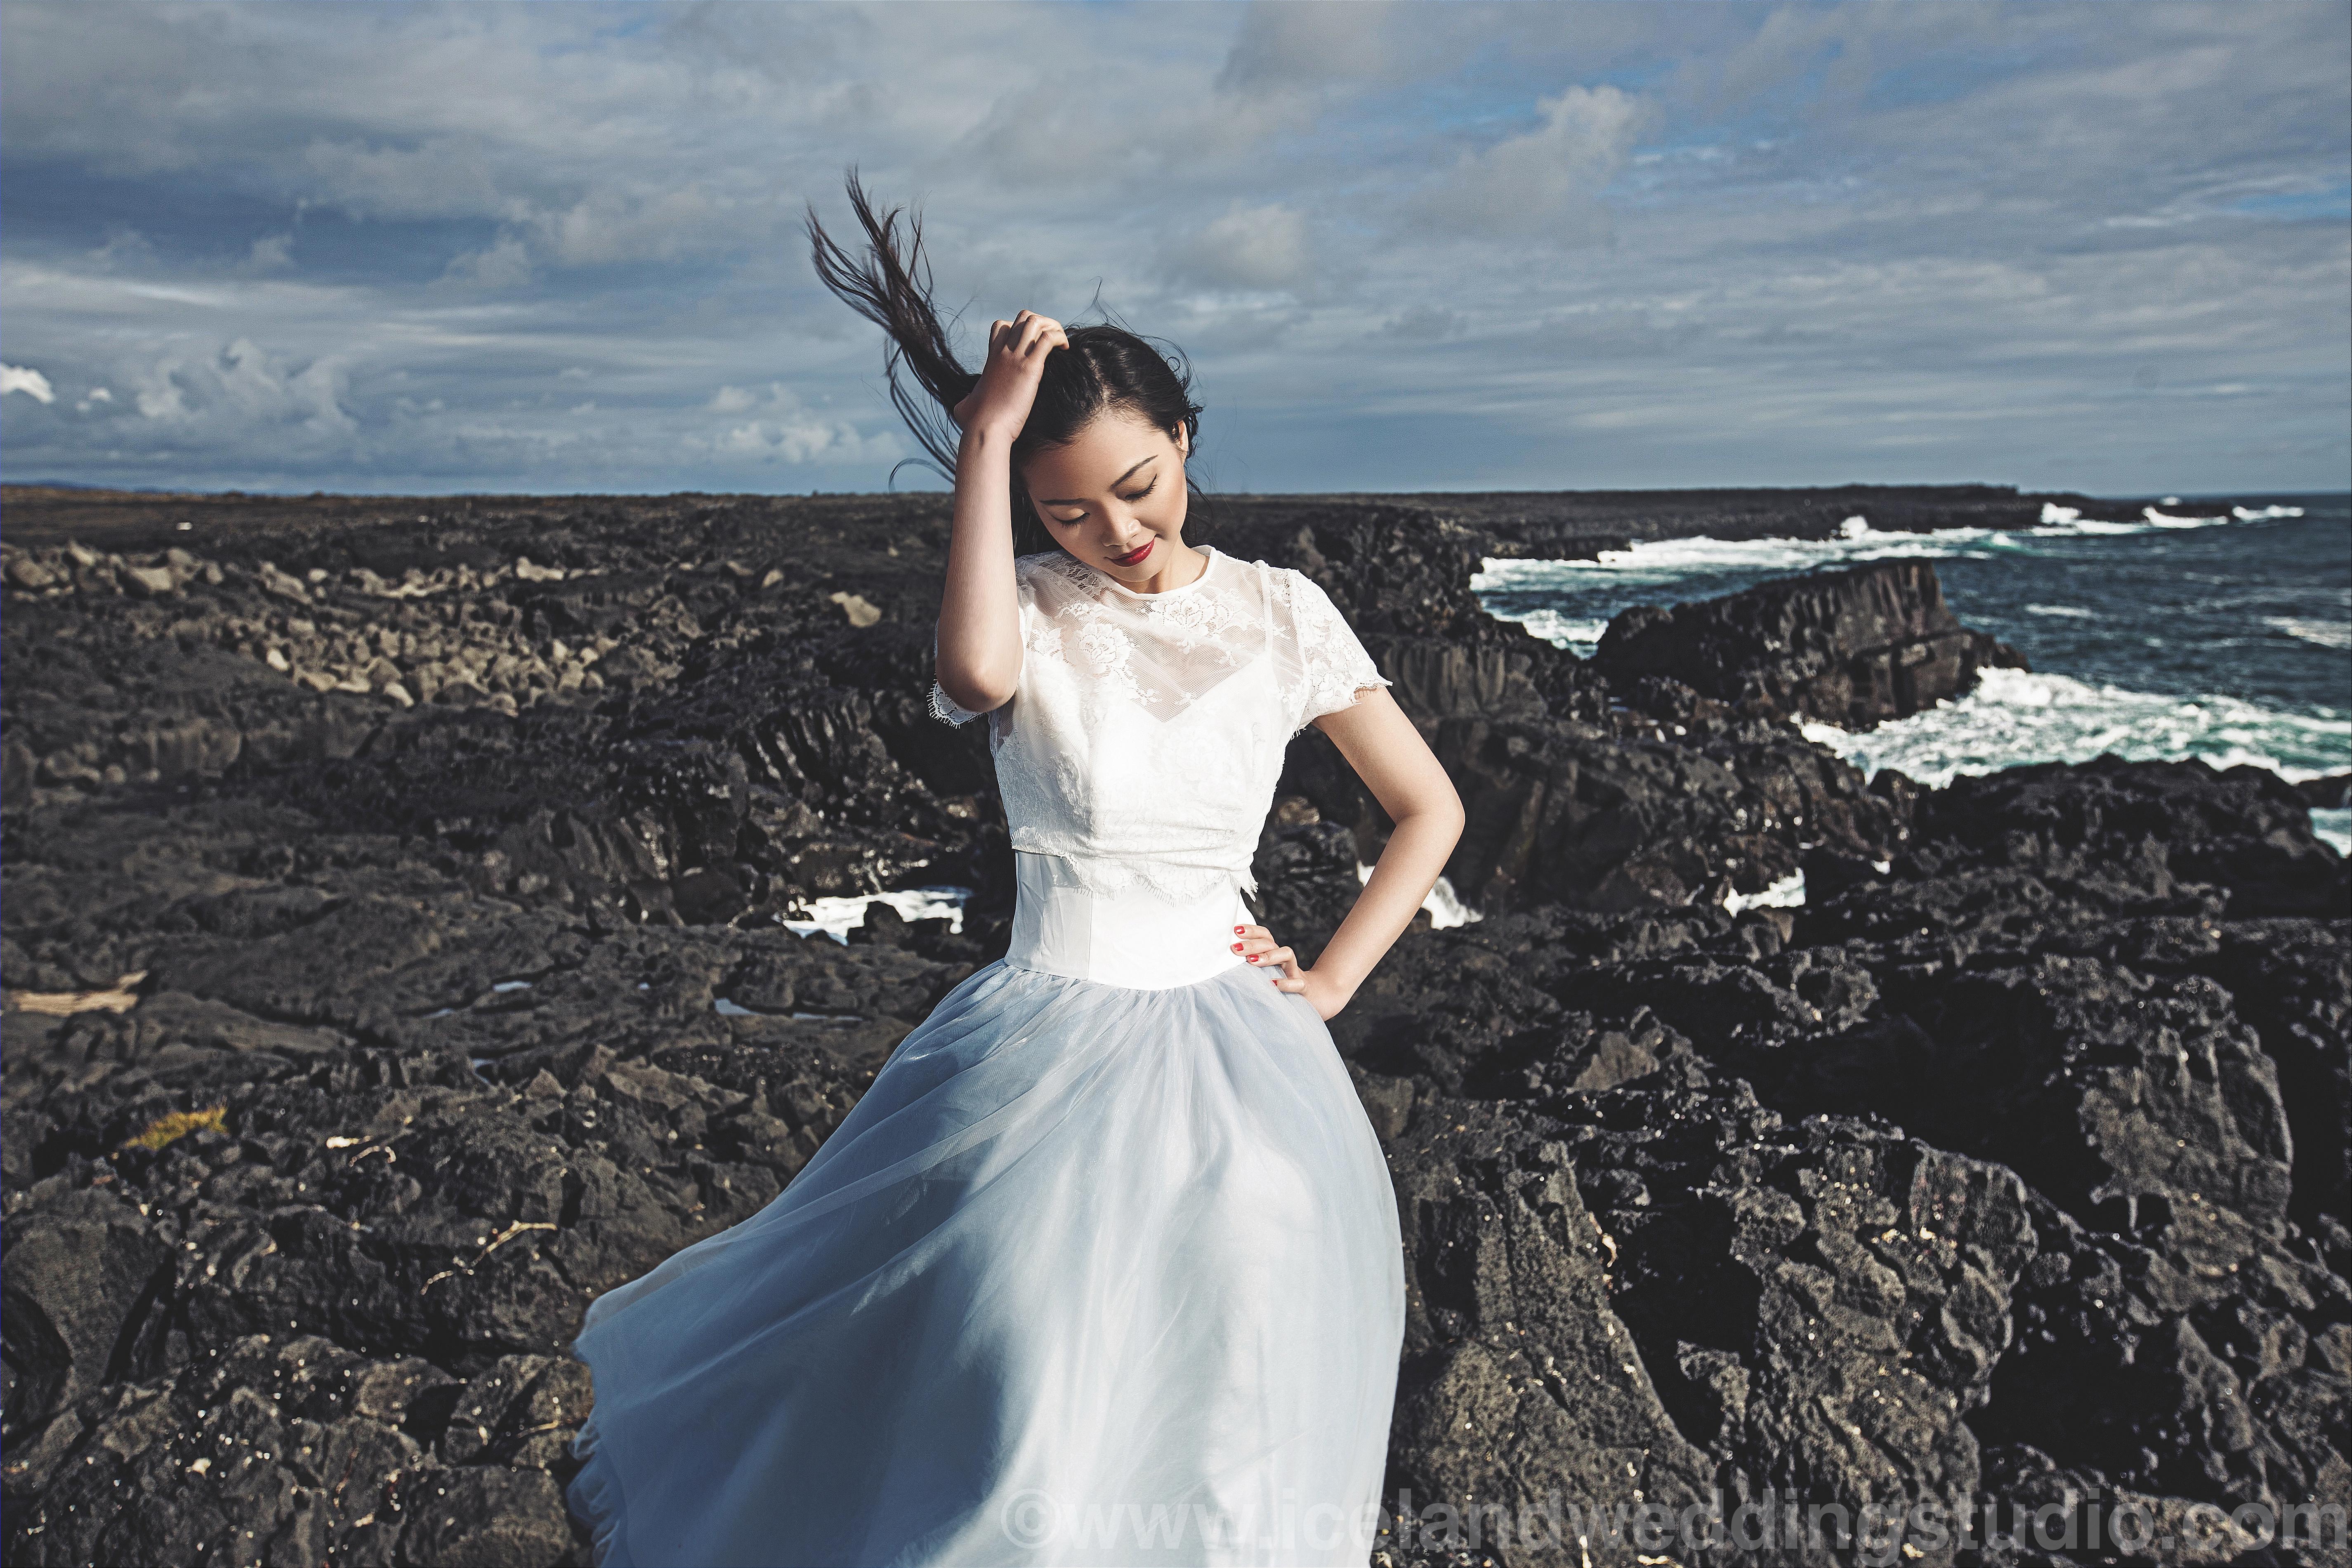 海角天涯,冰岛旅拍定制服务